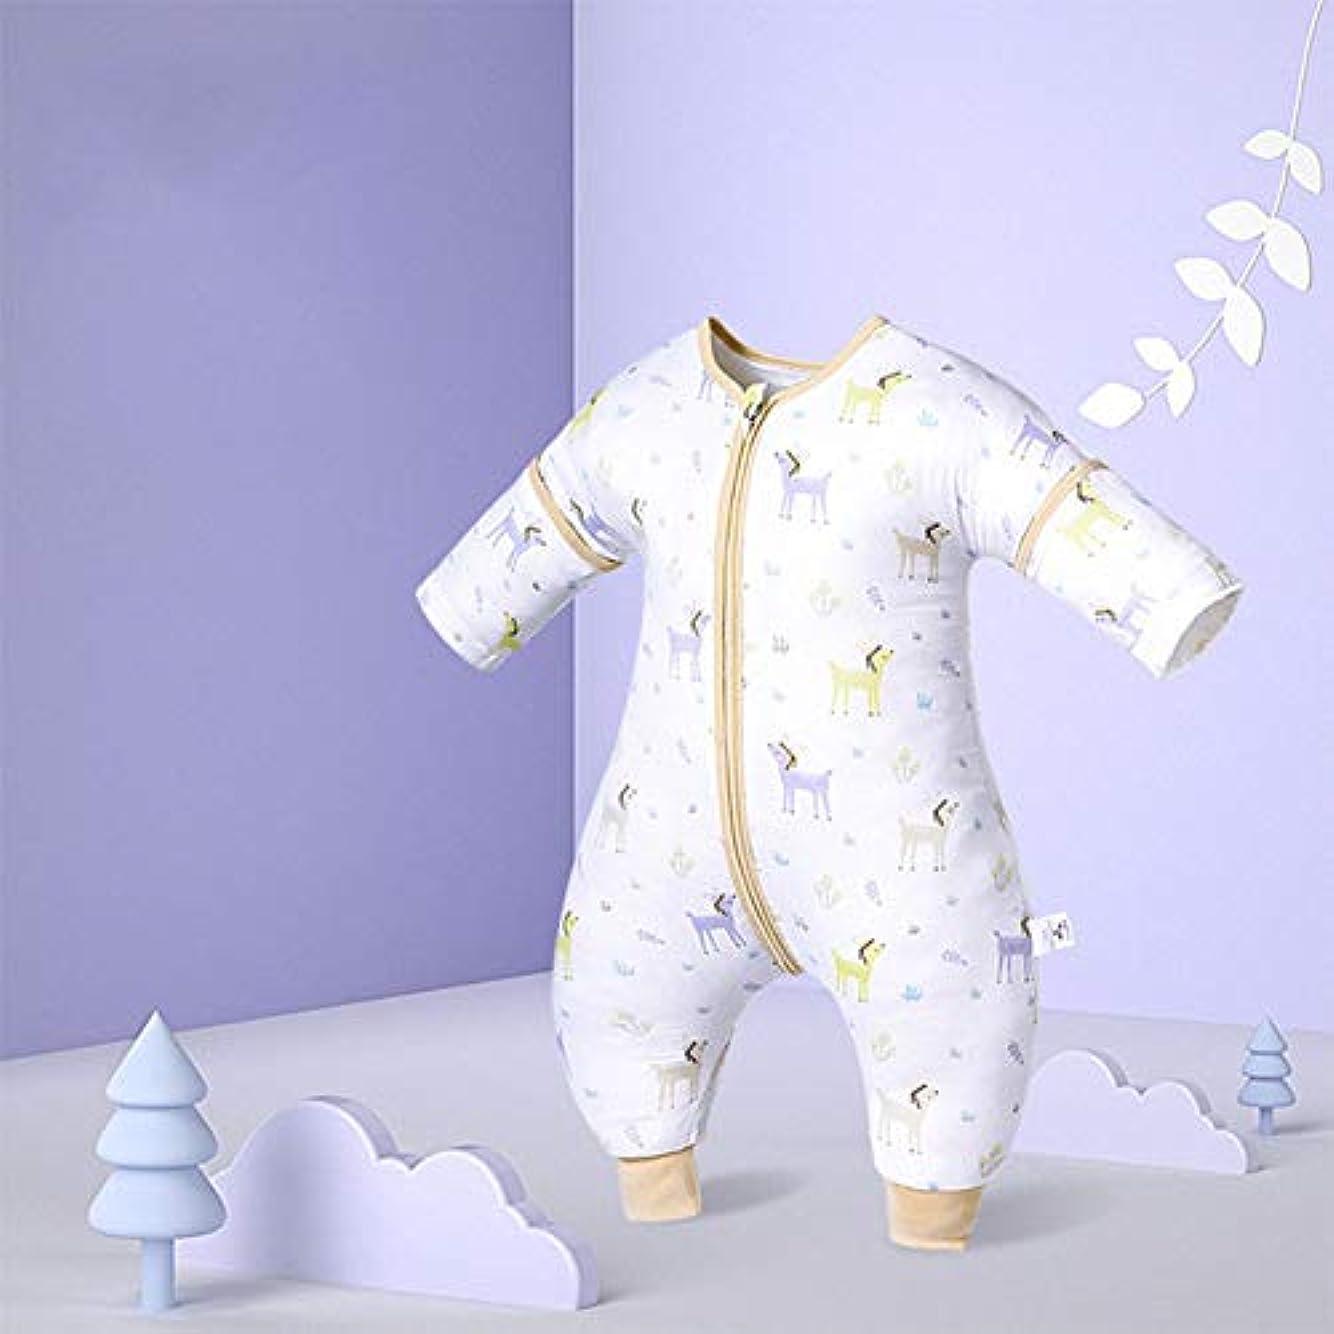 大通り大型トラックカバレッジ赤ちゃんの睡眠袋、四季の綿の睡眠袋、軽量キック証明掛け布団子供のための,紫色,L